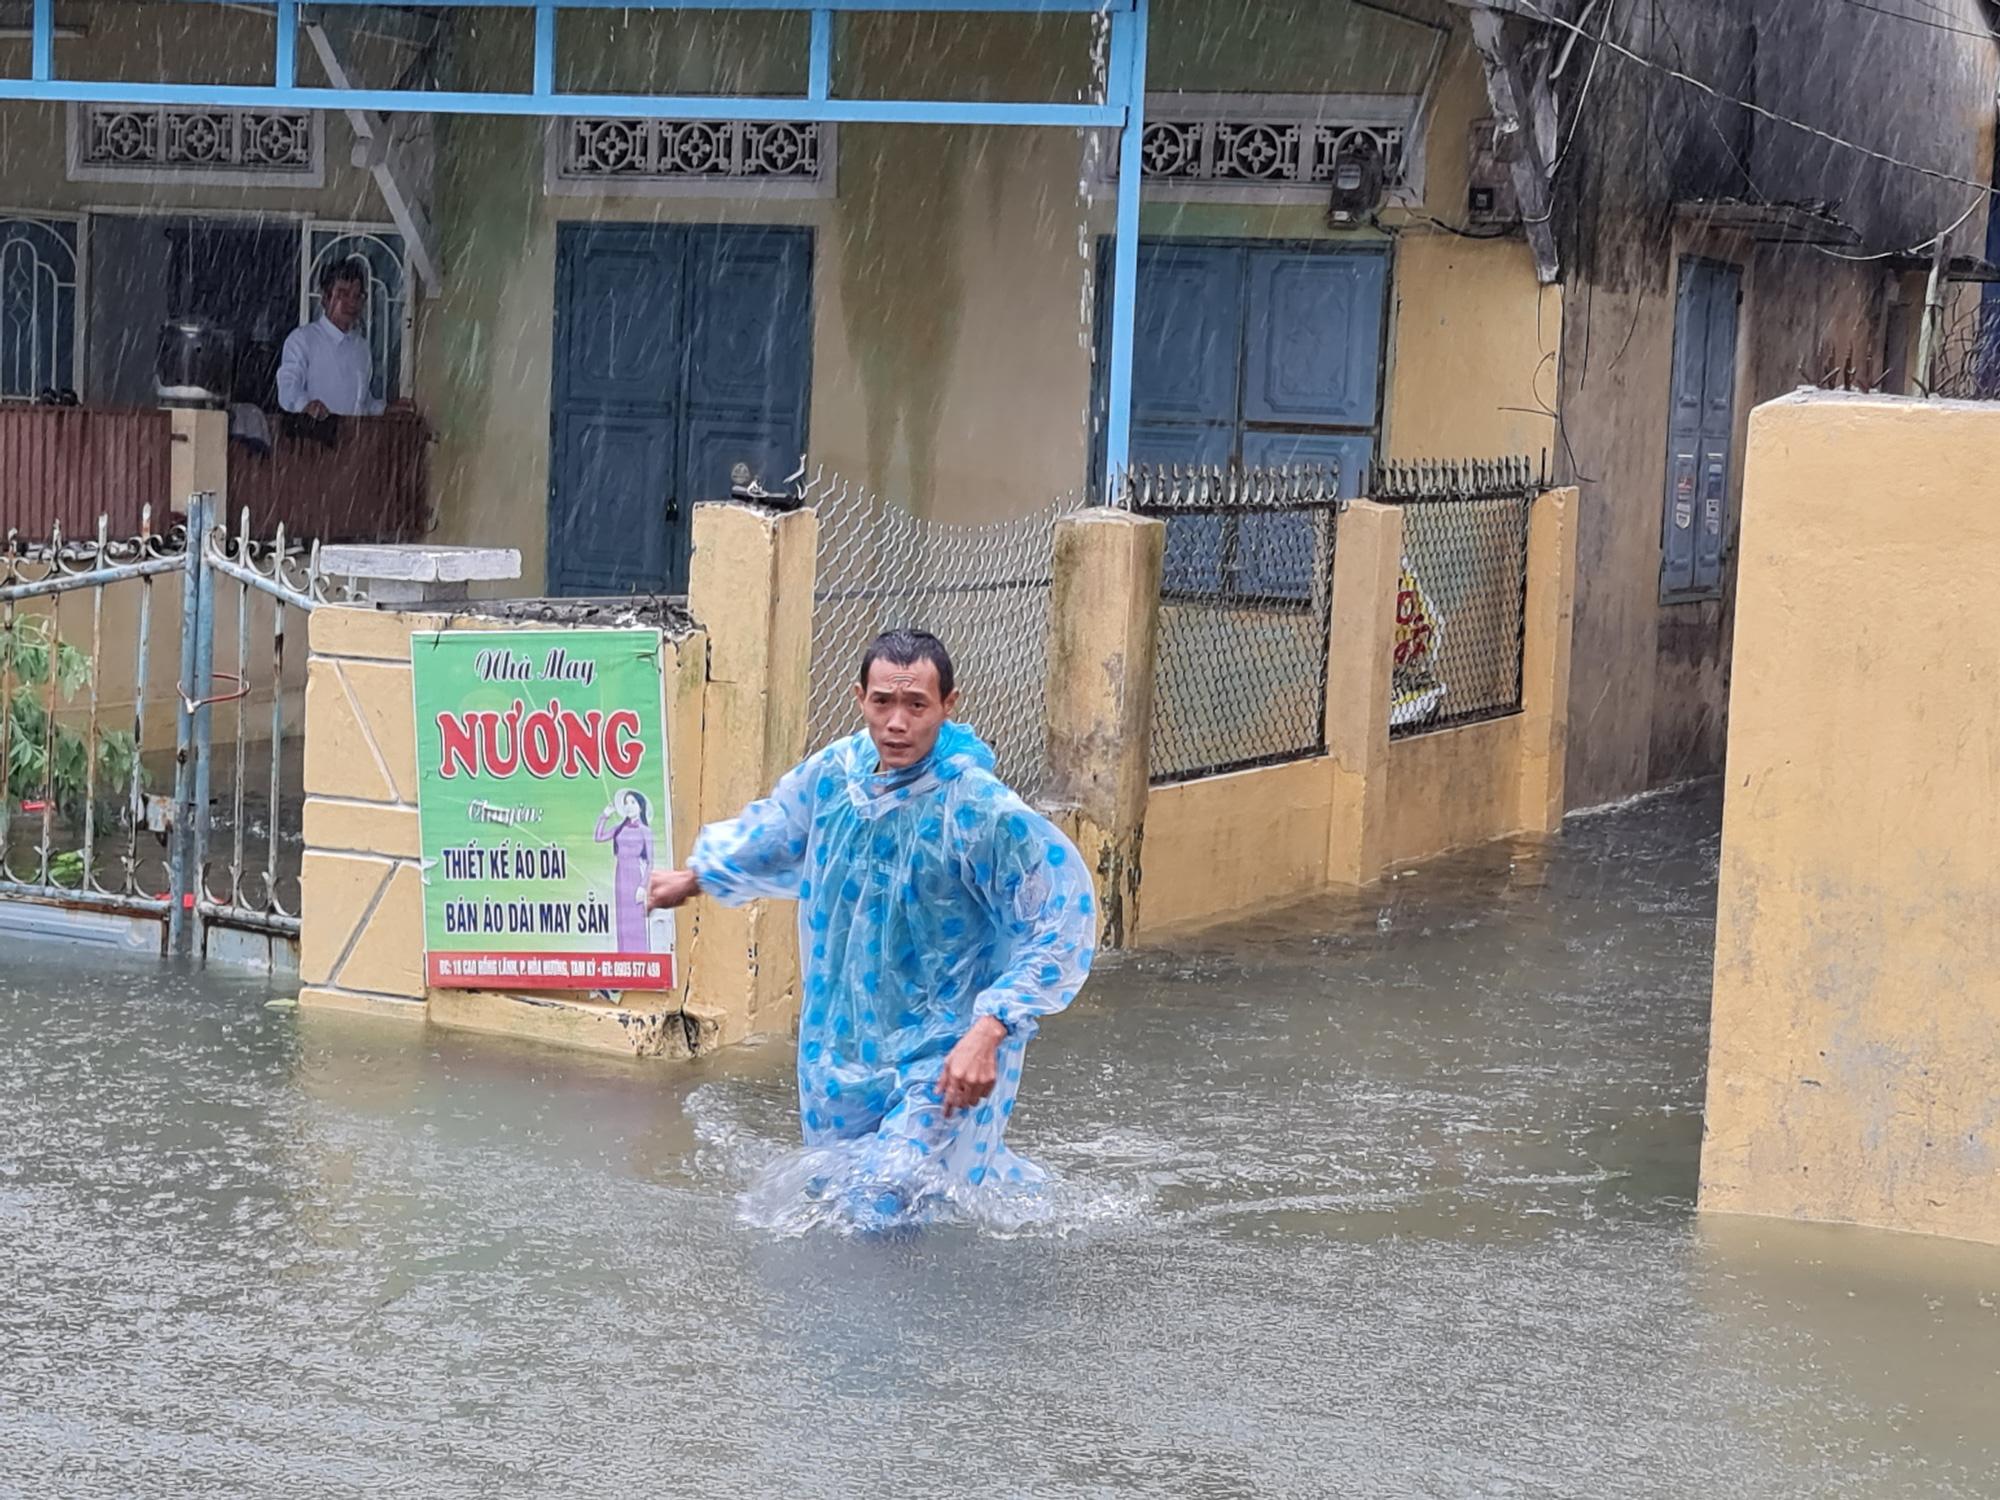 """Quảng Nam: Cô bé tên """"lụt"""" sinh ra mùa lụt, đám cưới cũng trúng mùa lụt - Ảnh 1."""